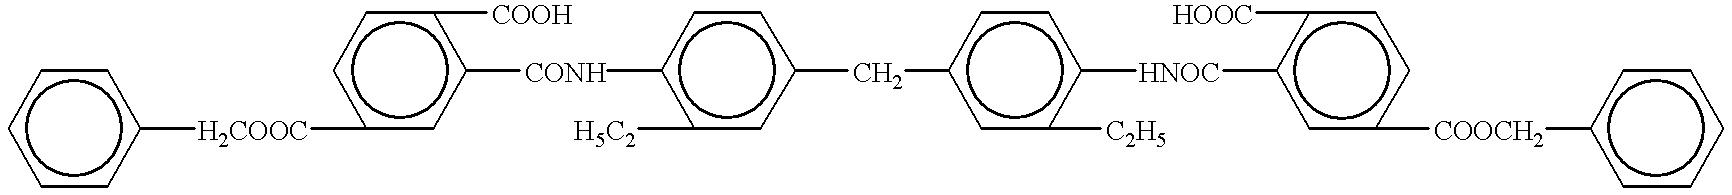 Figure US06180560-20010130-C00748